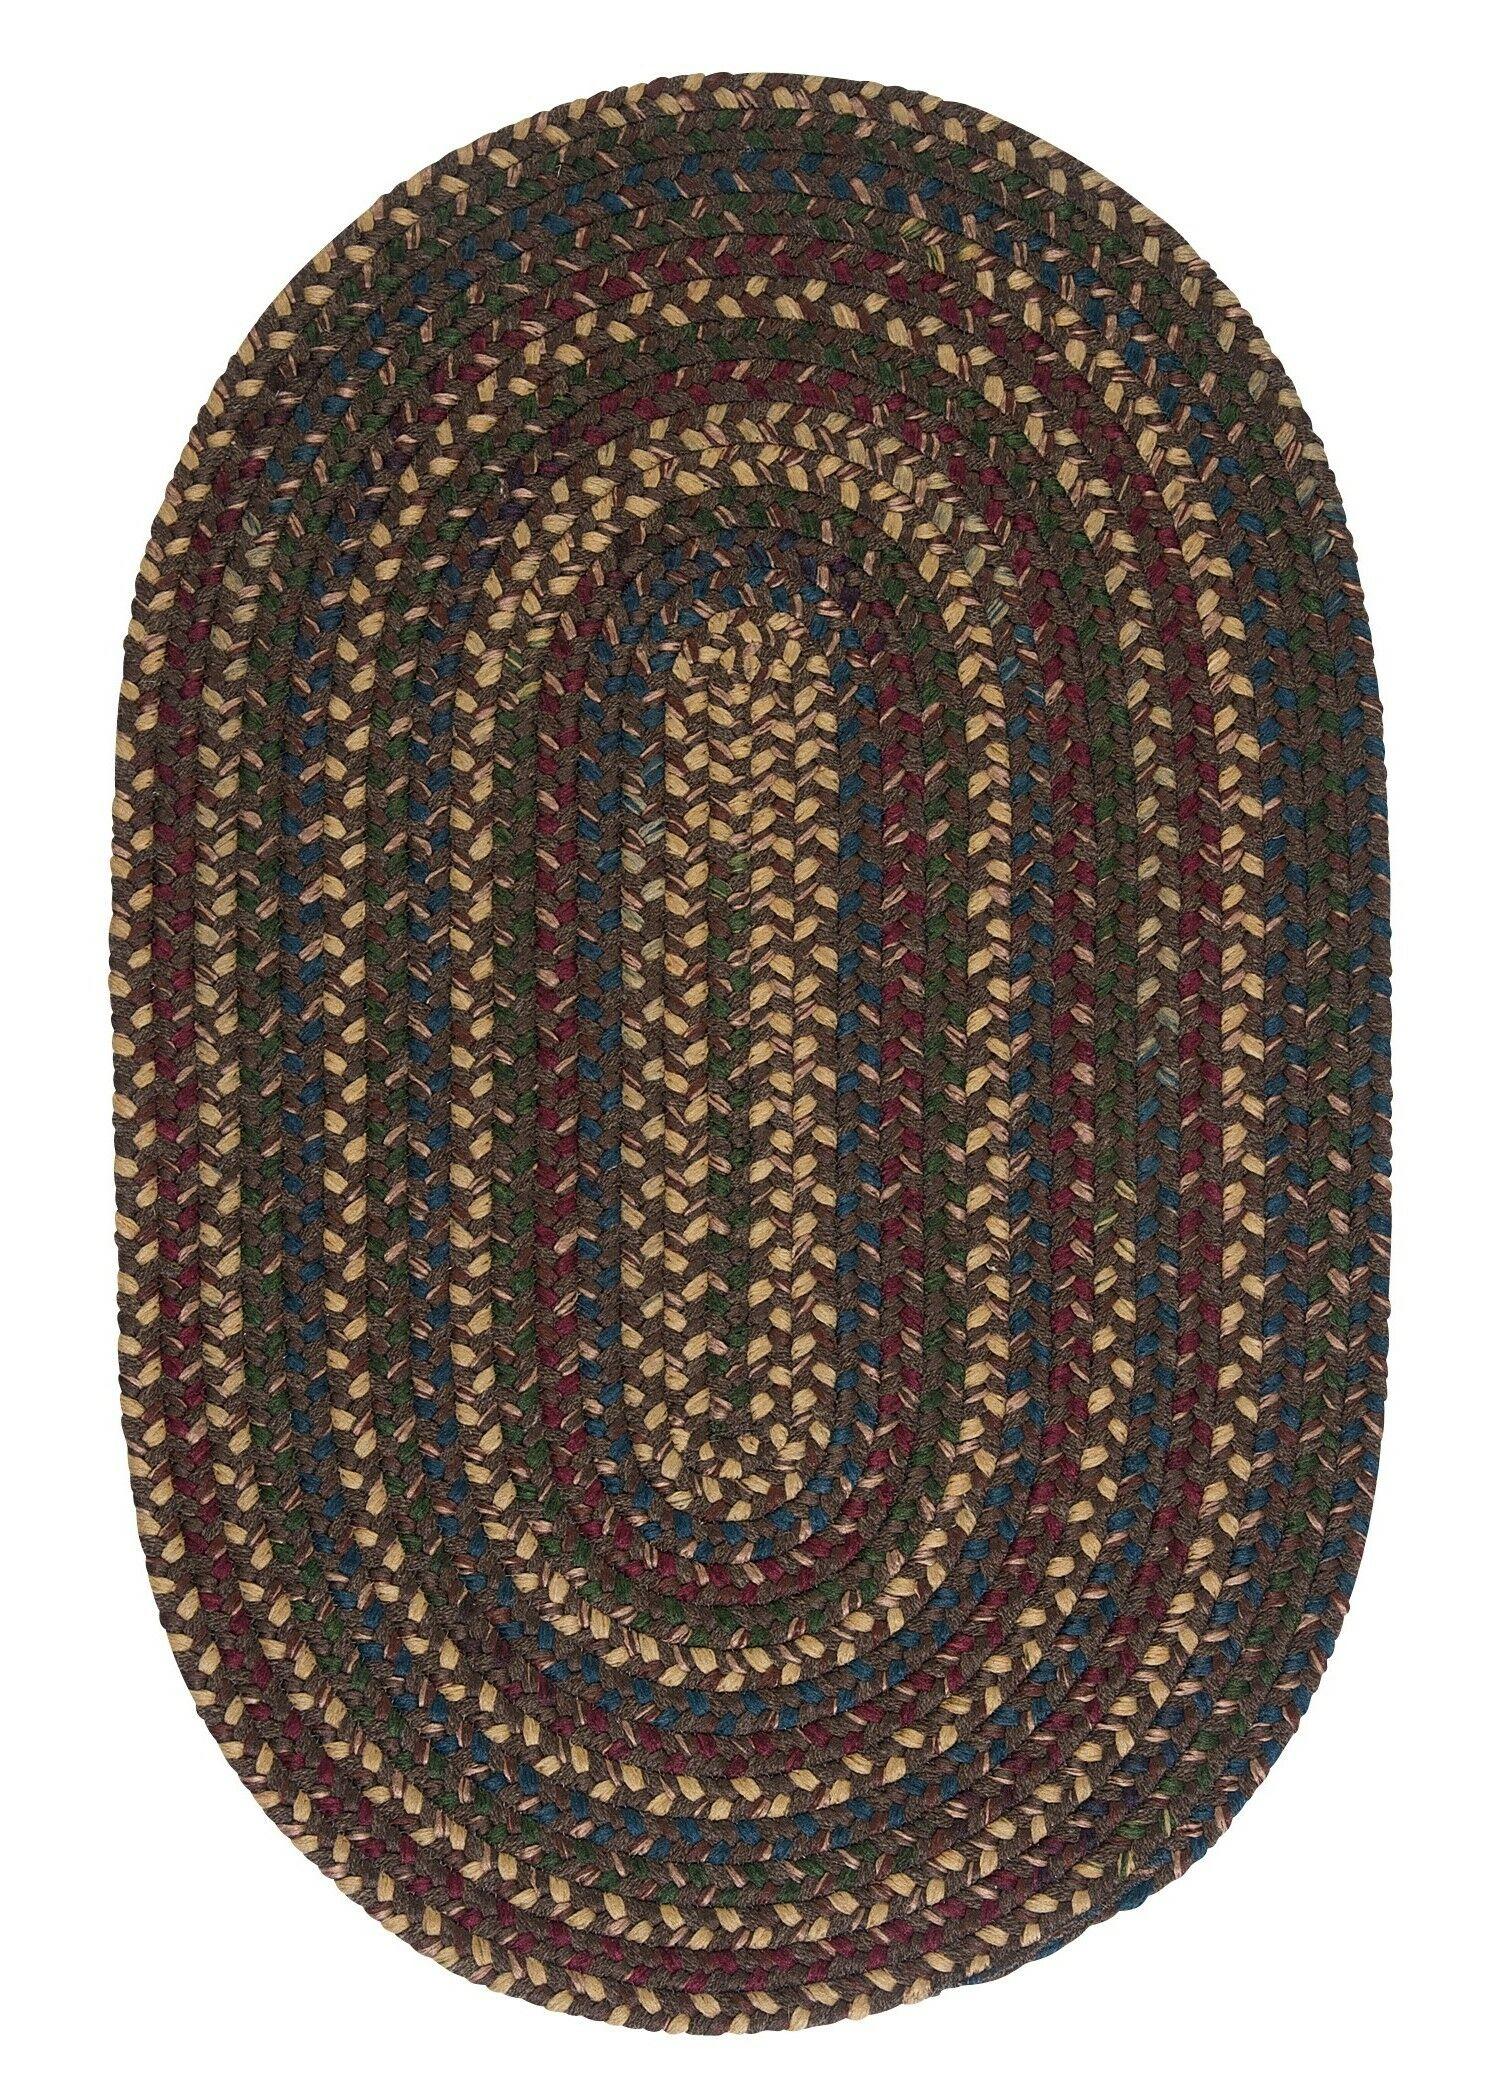 Mclaughlin Area Rug Rug Size: Oval 10' x 13'